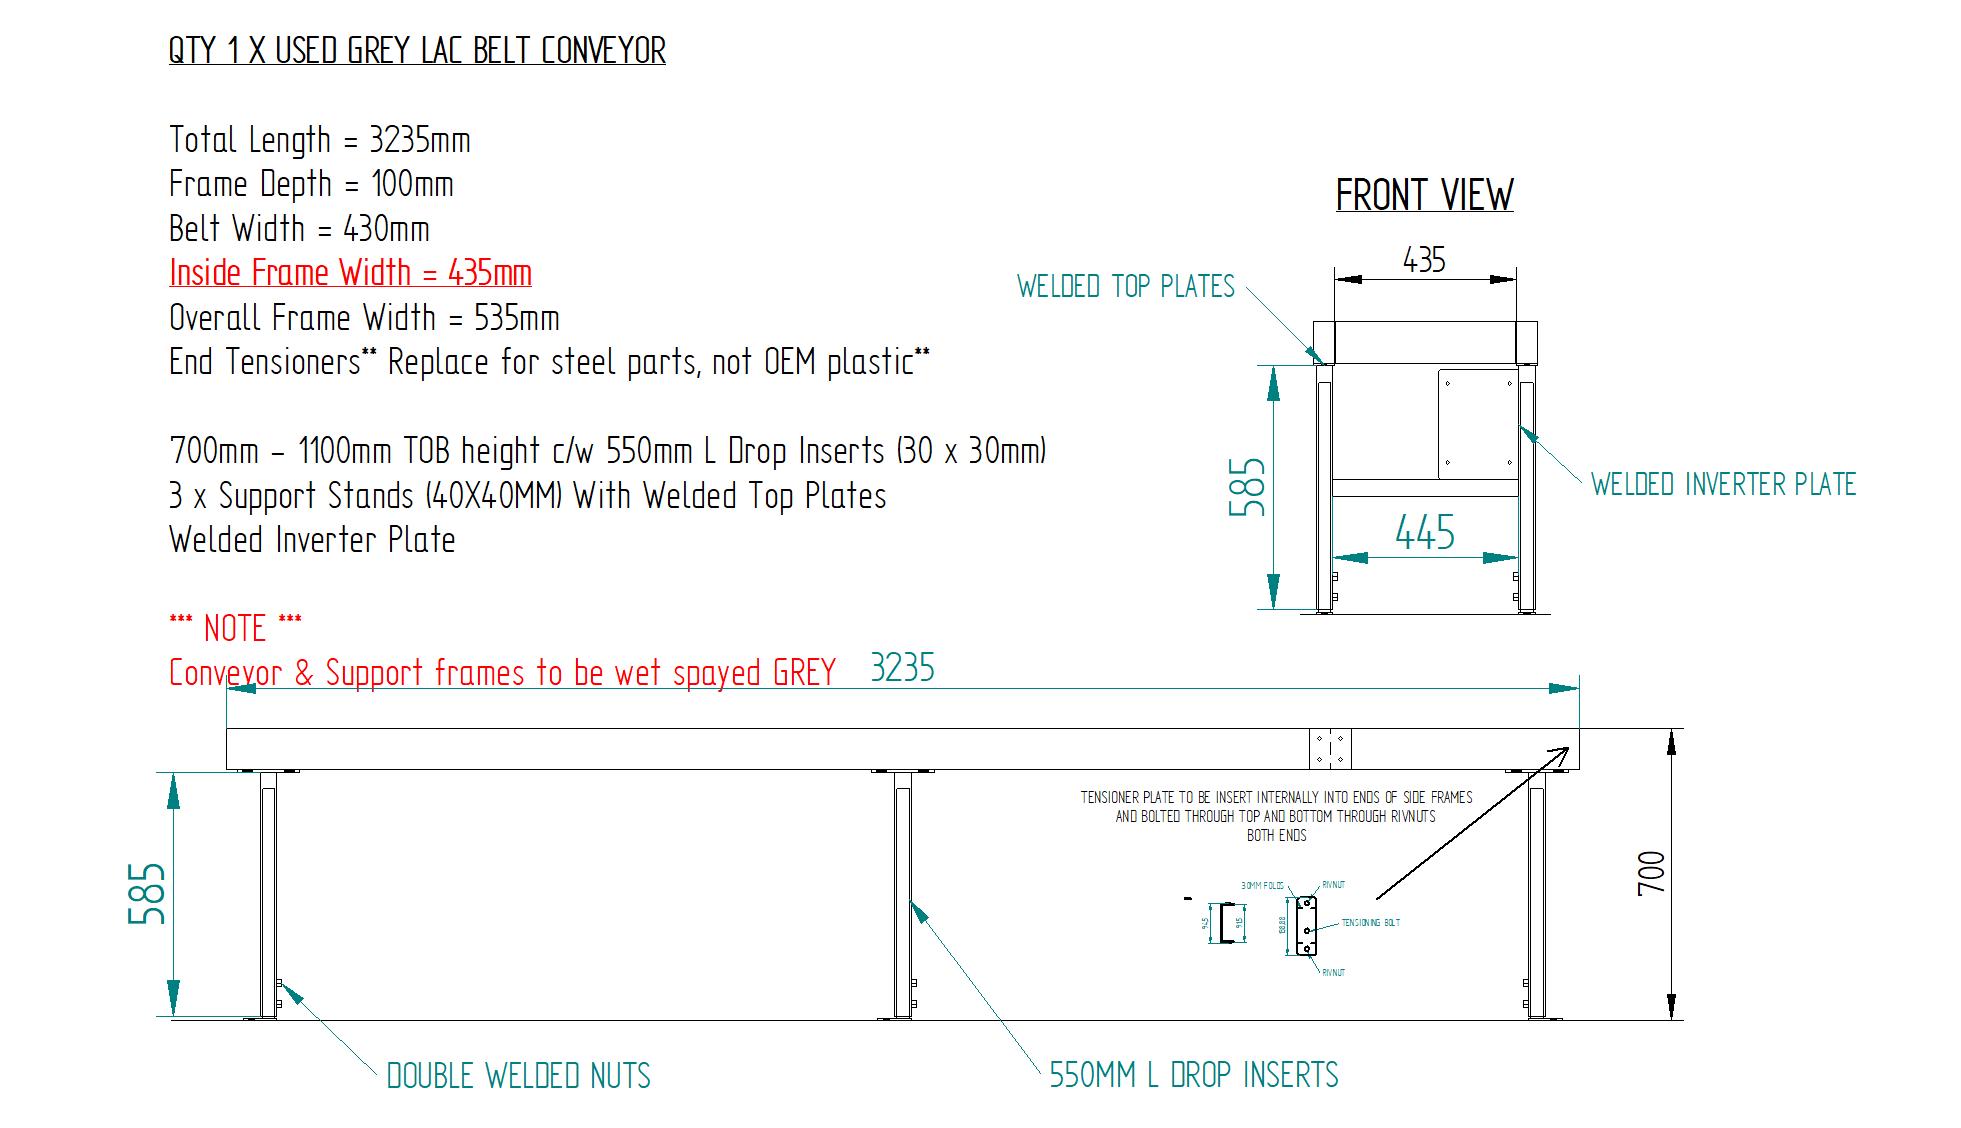 Workshop Drawing 3235mm L x 430mm W Used AV Birtch Conveyor